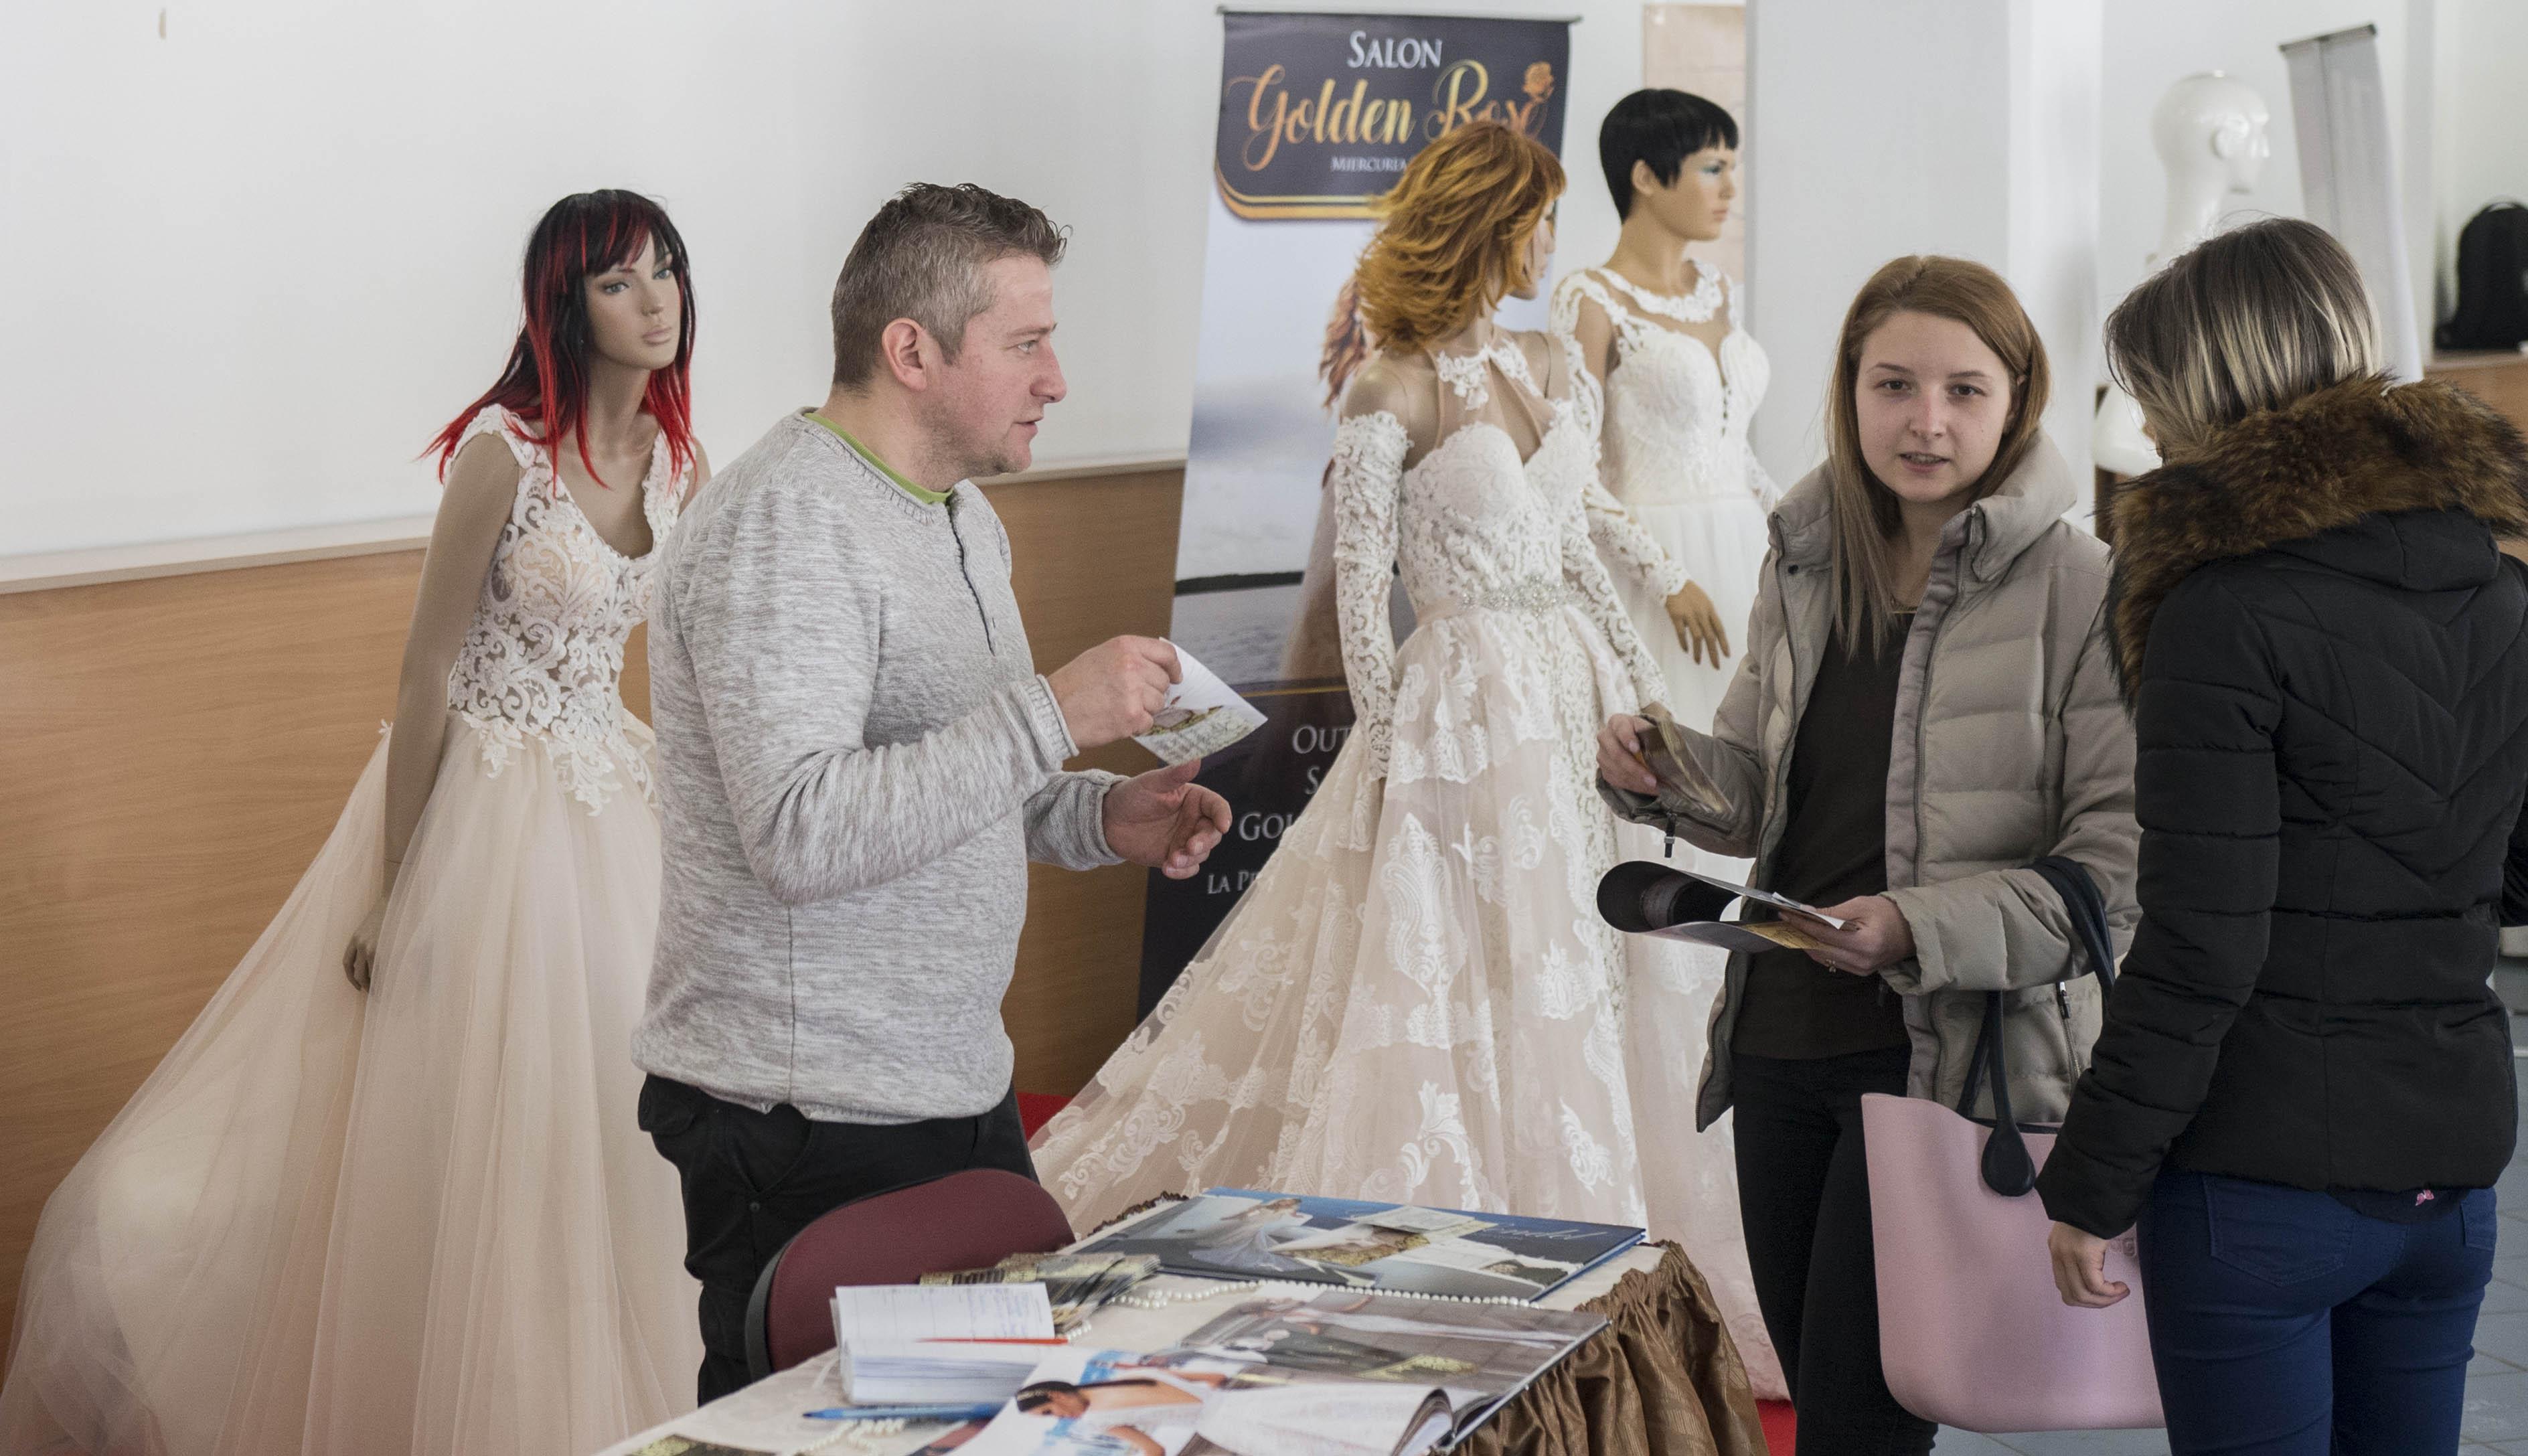 6a7e93e125 A vőlegények divatos öltözékét az Elisabeth Divatáruház biztosította. Az  esti tombolahúzáson számos értékes nyeremény talált gazdára, ...